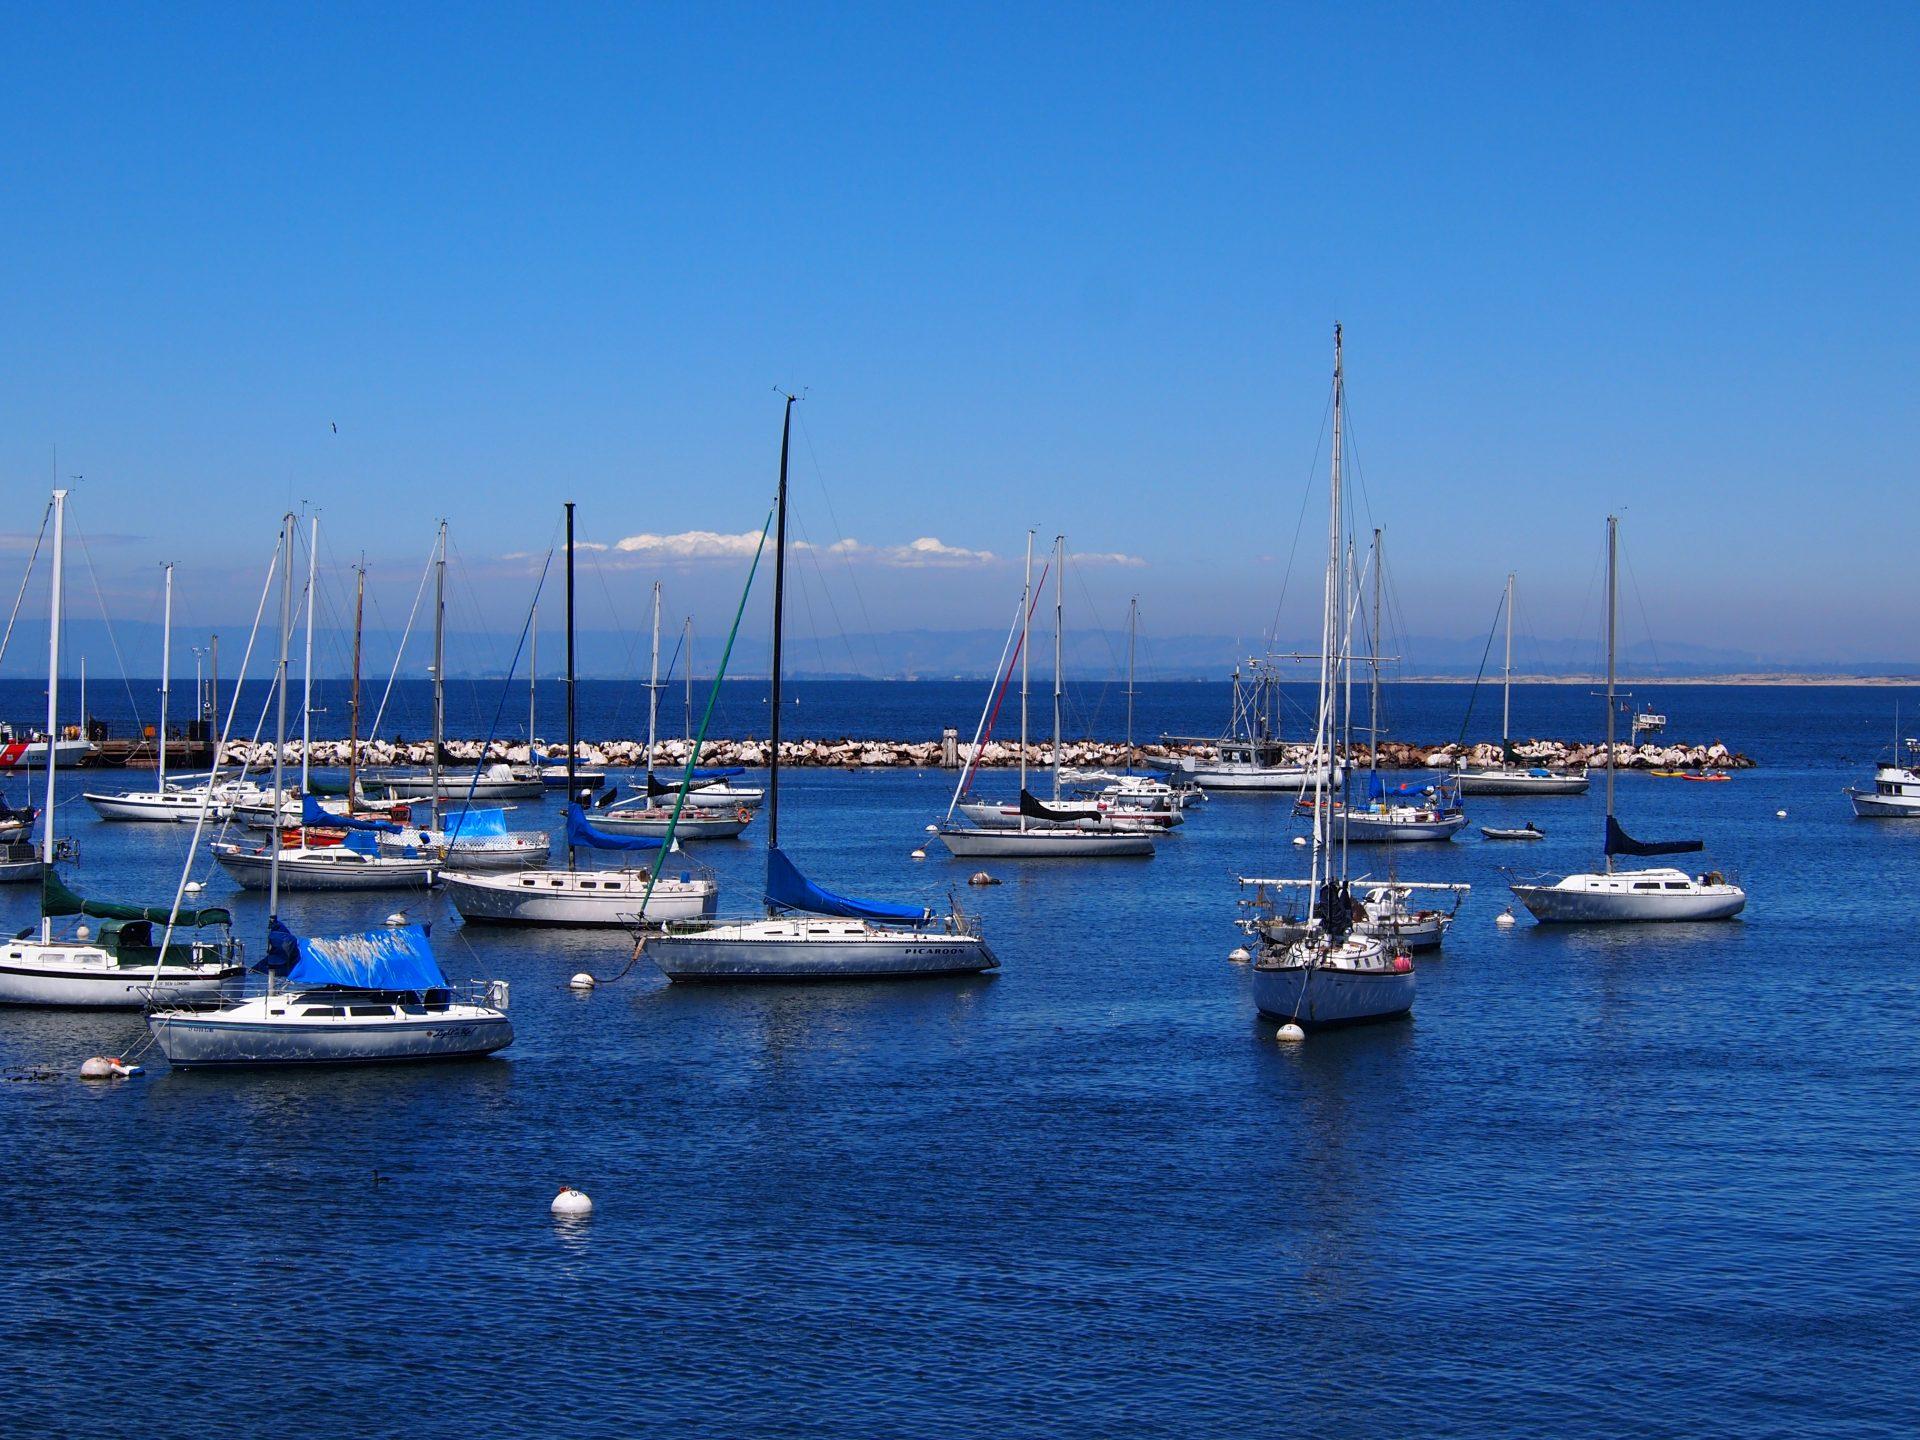 Monterey e le sue barche